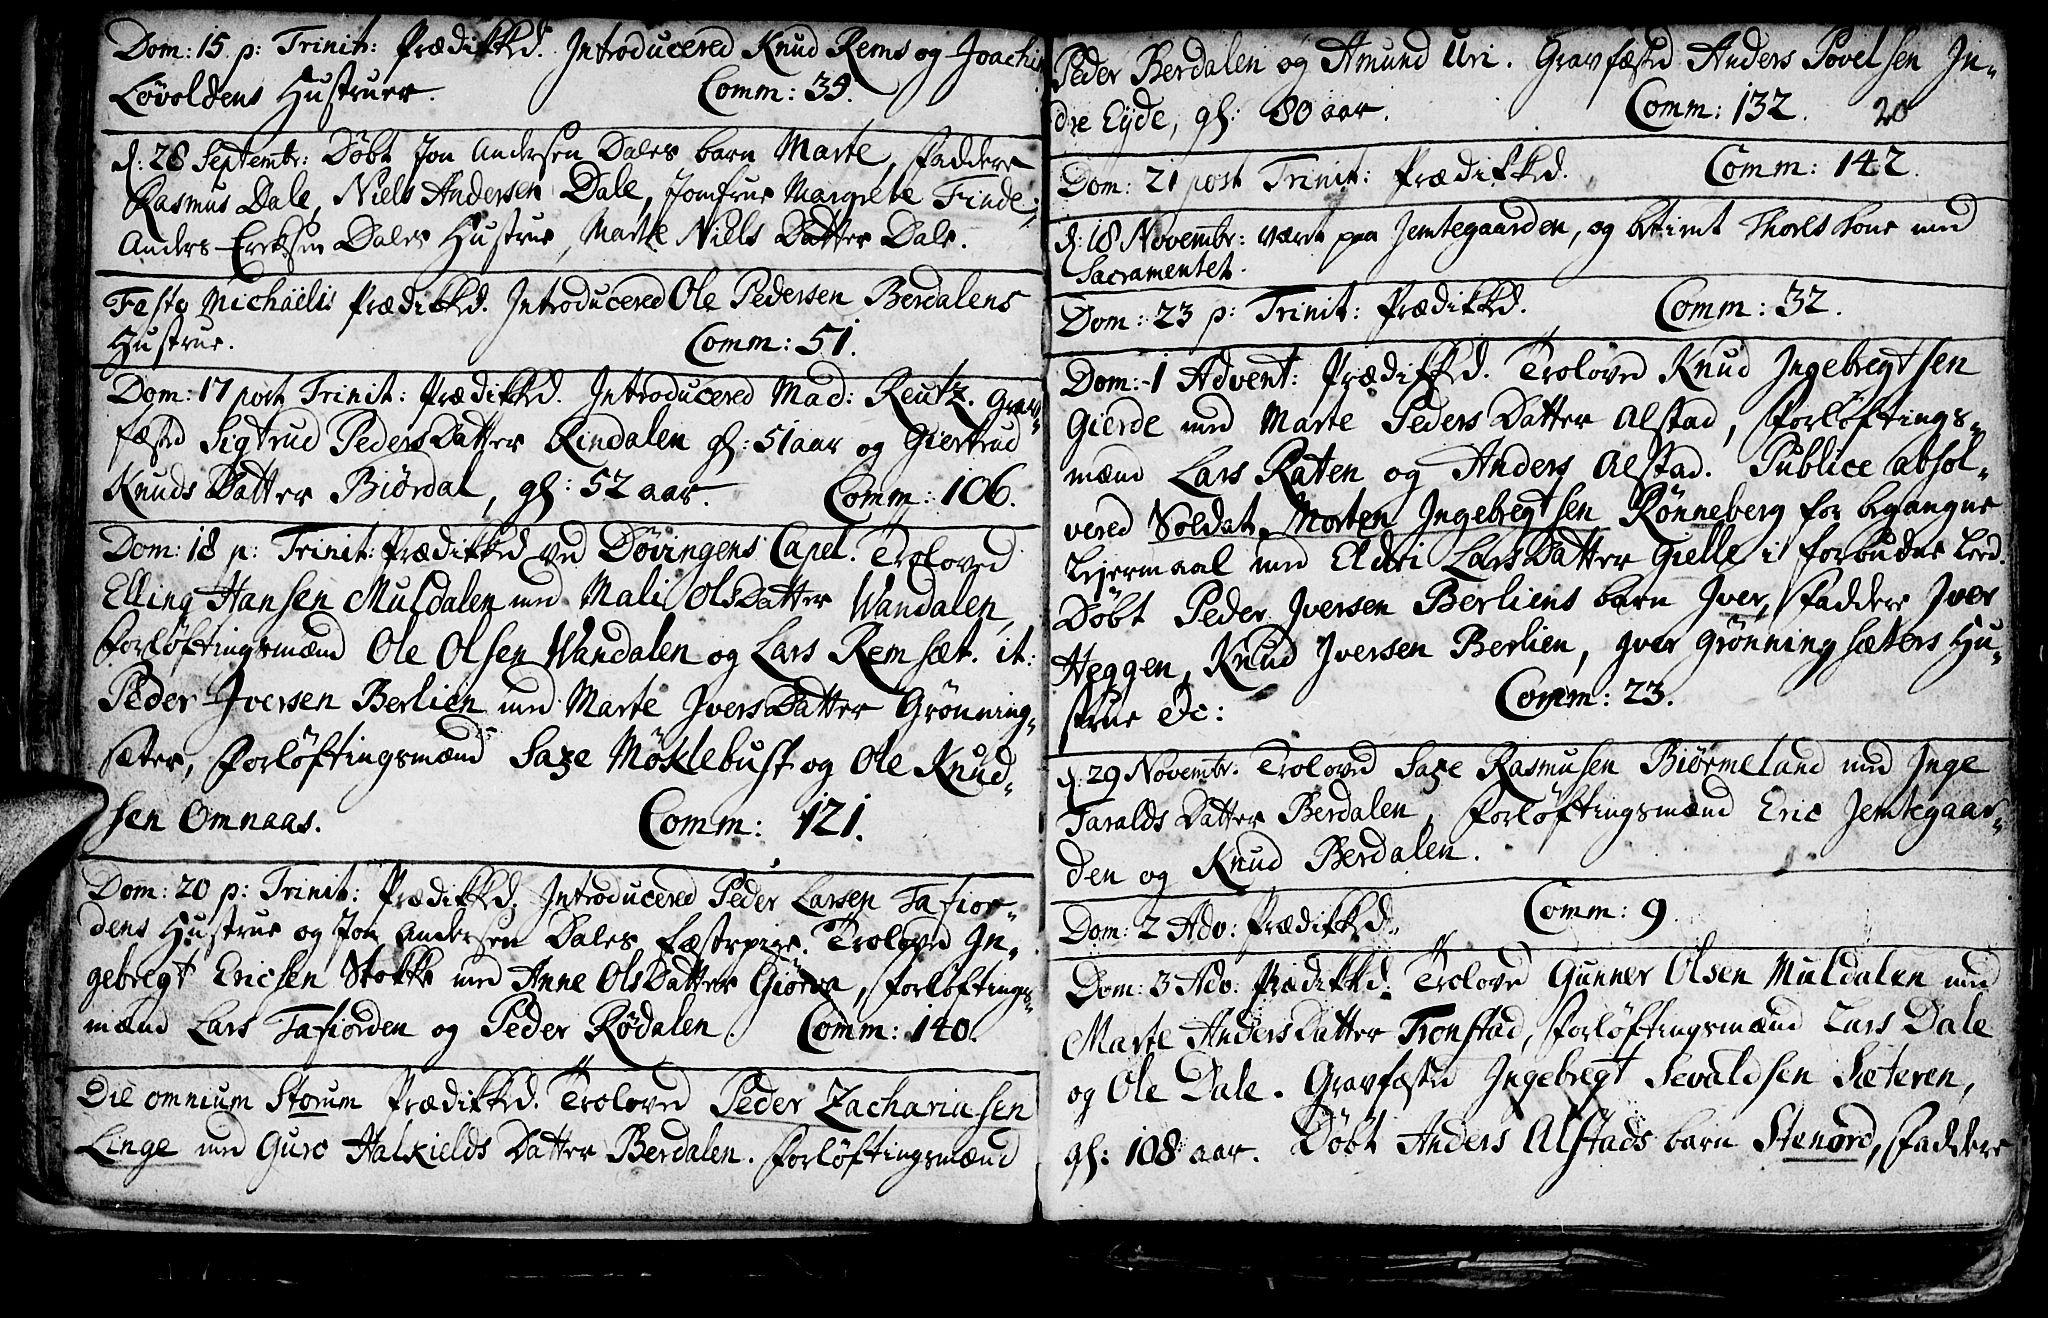 SAT, Ministerialprotokoller, klokkerbøker og fødselsregistre - Møre og Romsdal, 519/L0240: Parish register (official) no. 519A01 /1, 1736-1760, p. 20